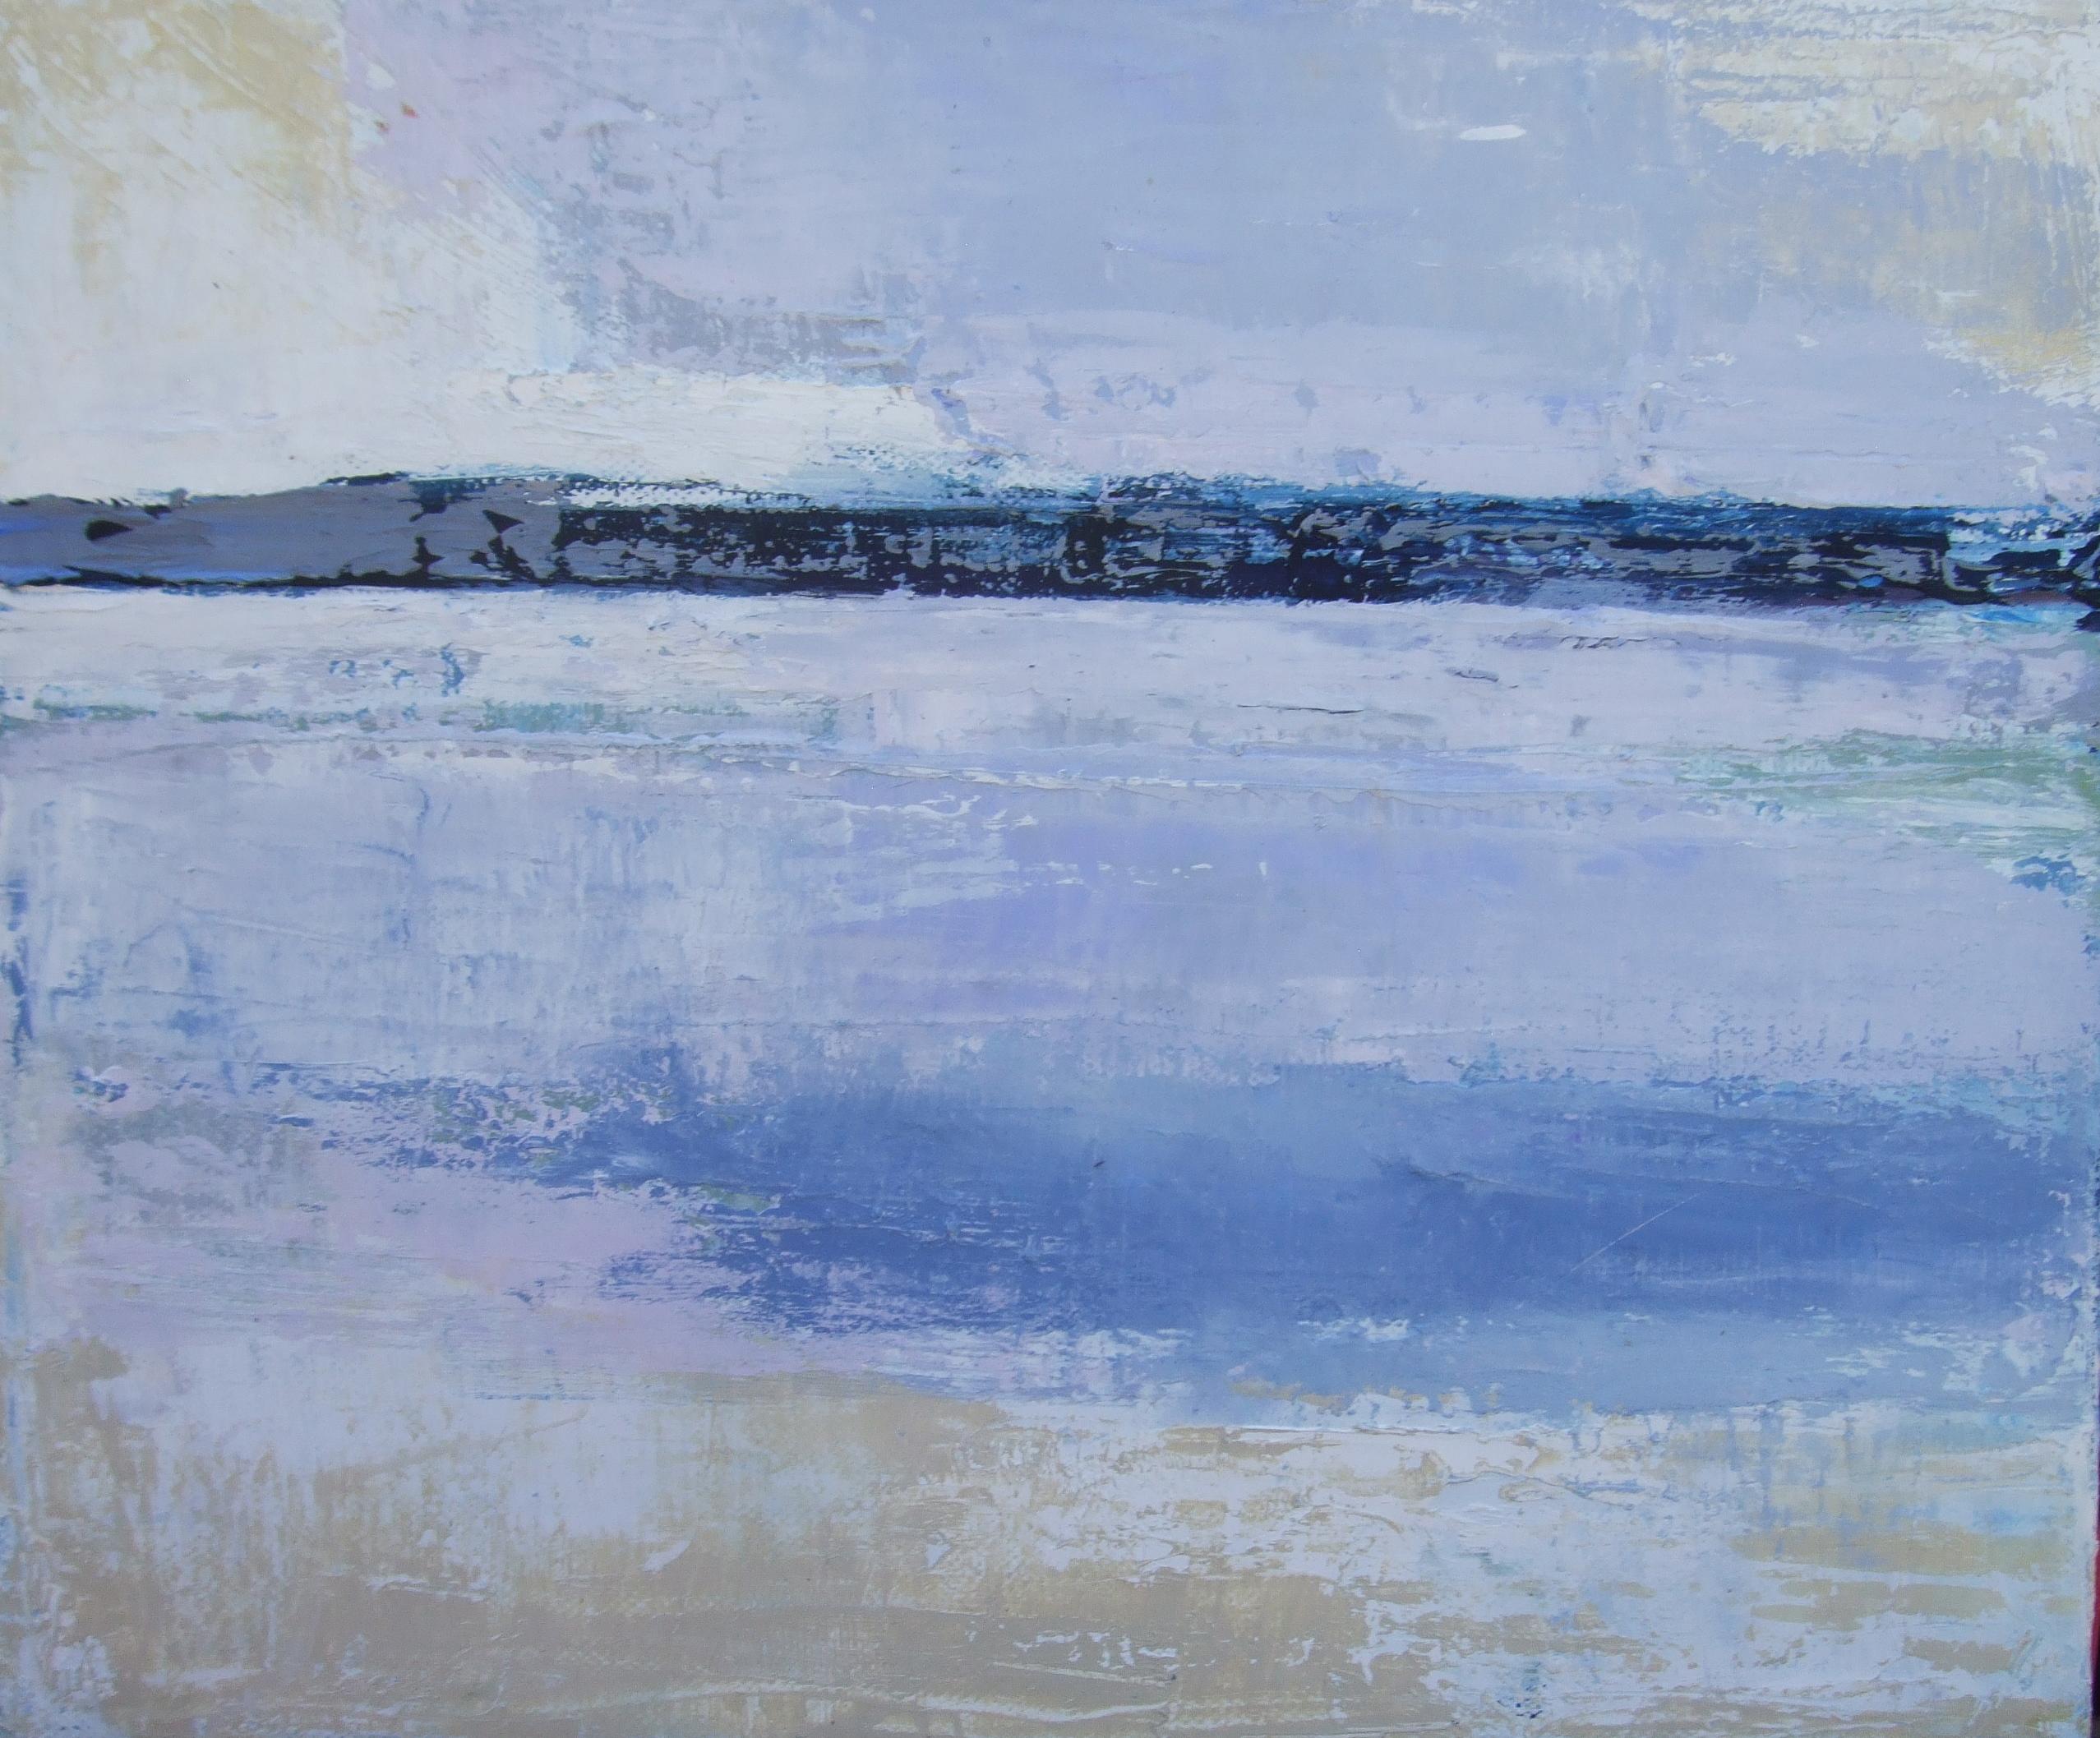 Winter Sea #8